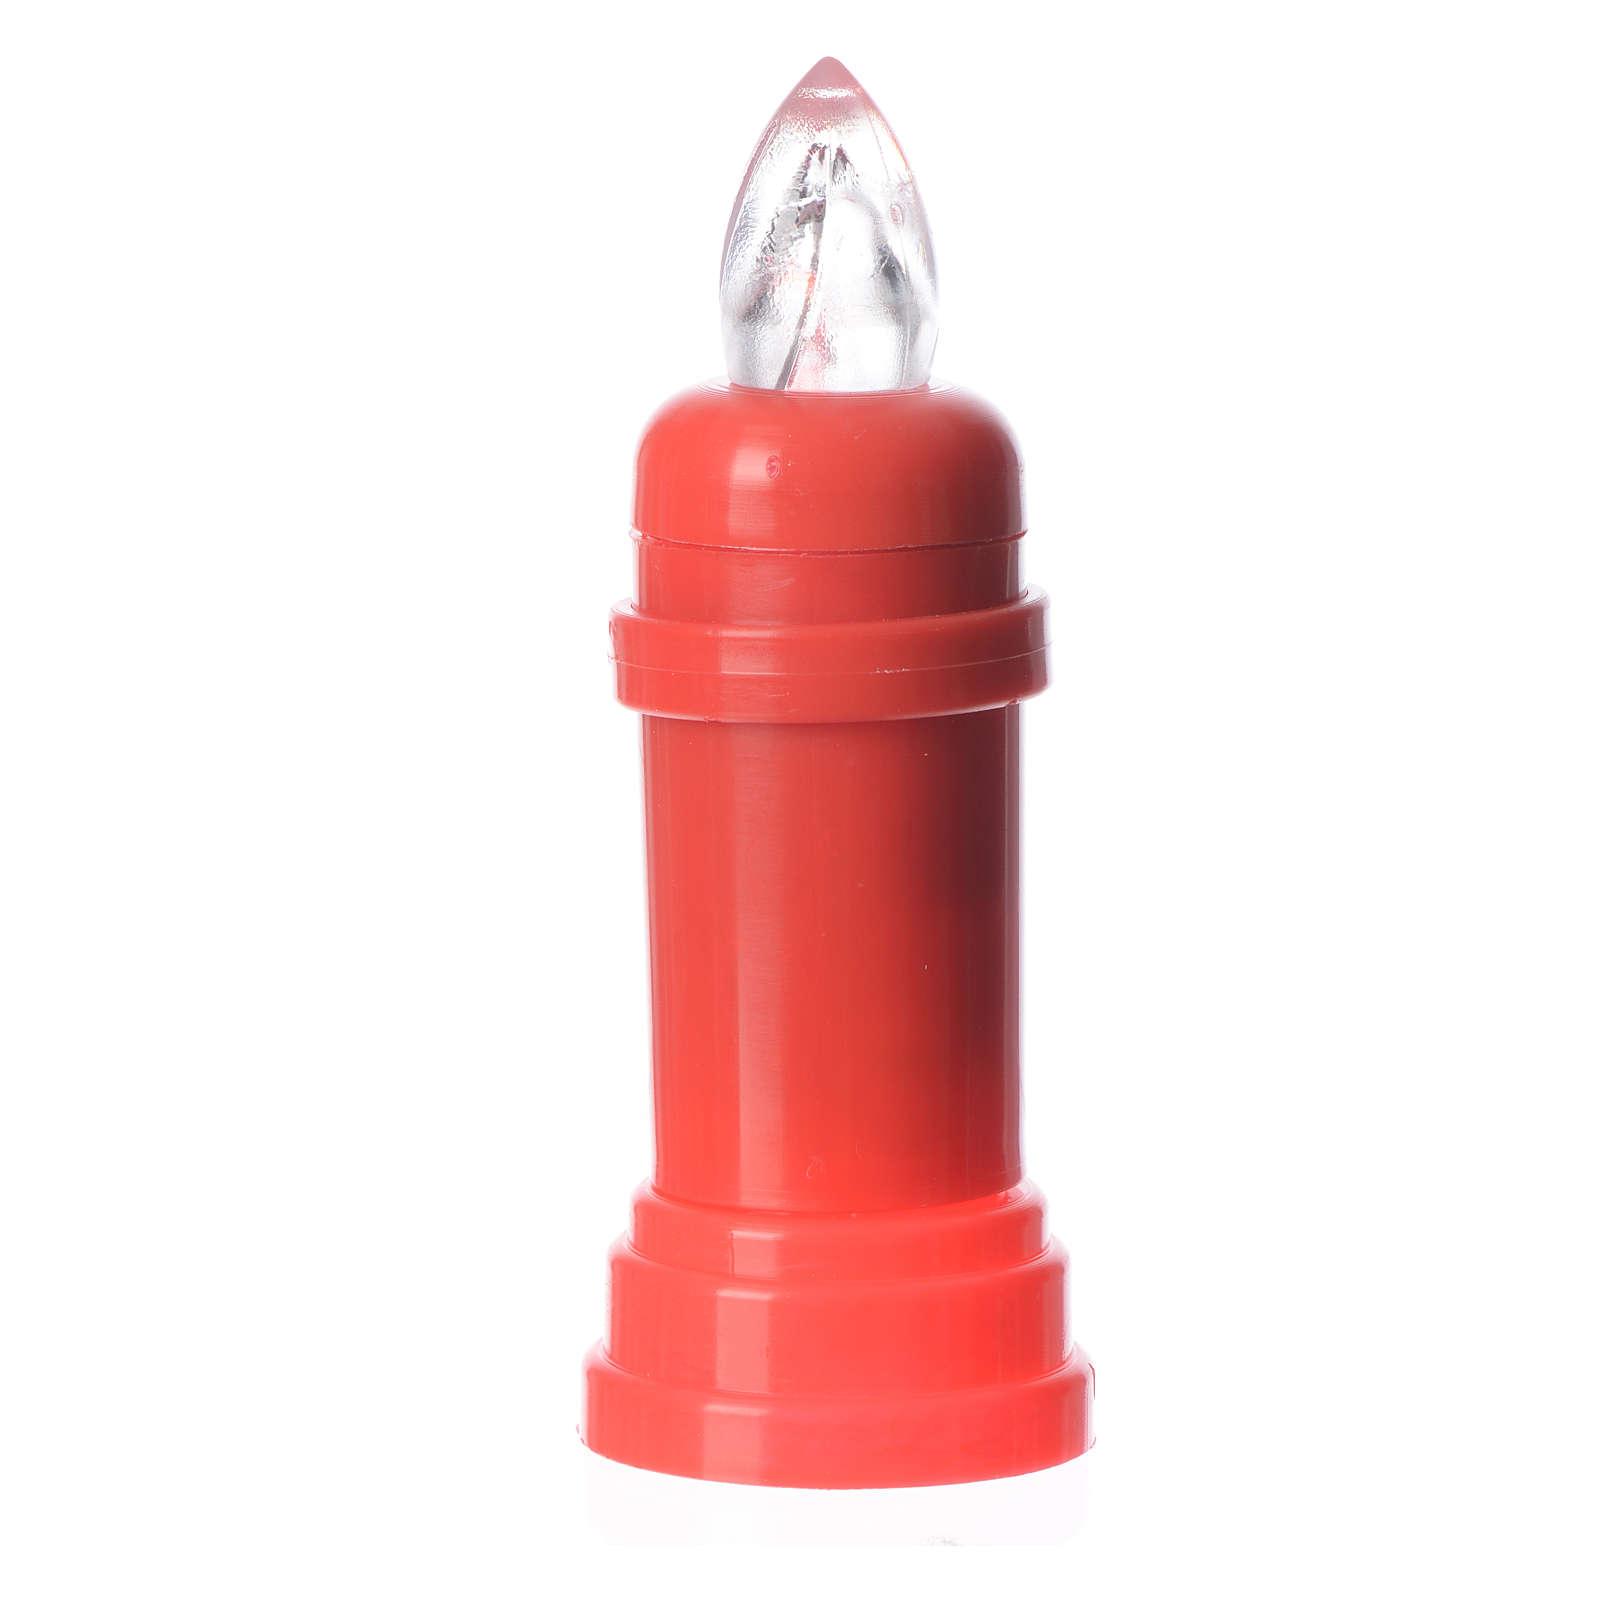 Świeca elektryczna czerwona Tremolotto z naklejką 3